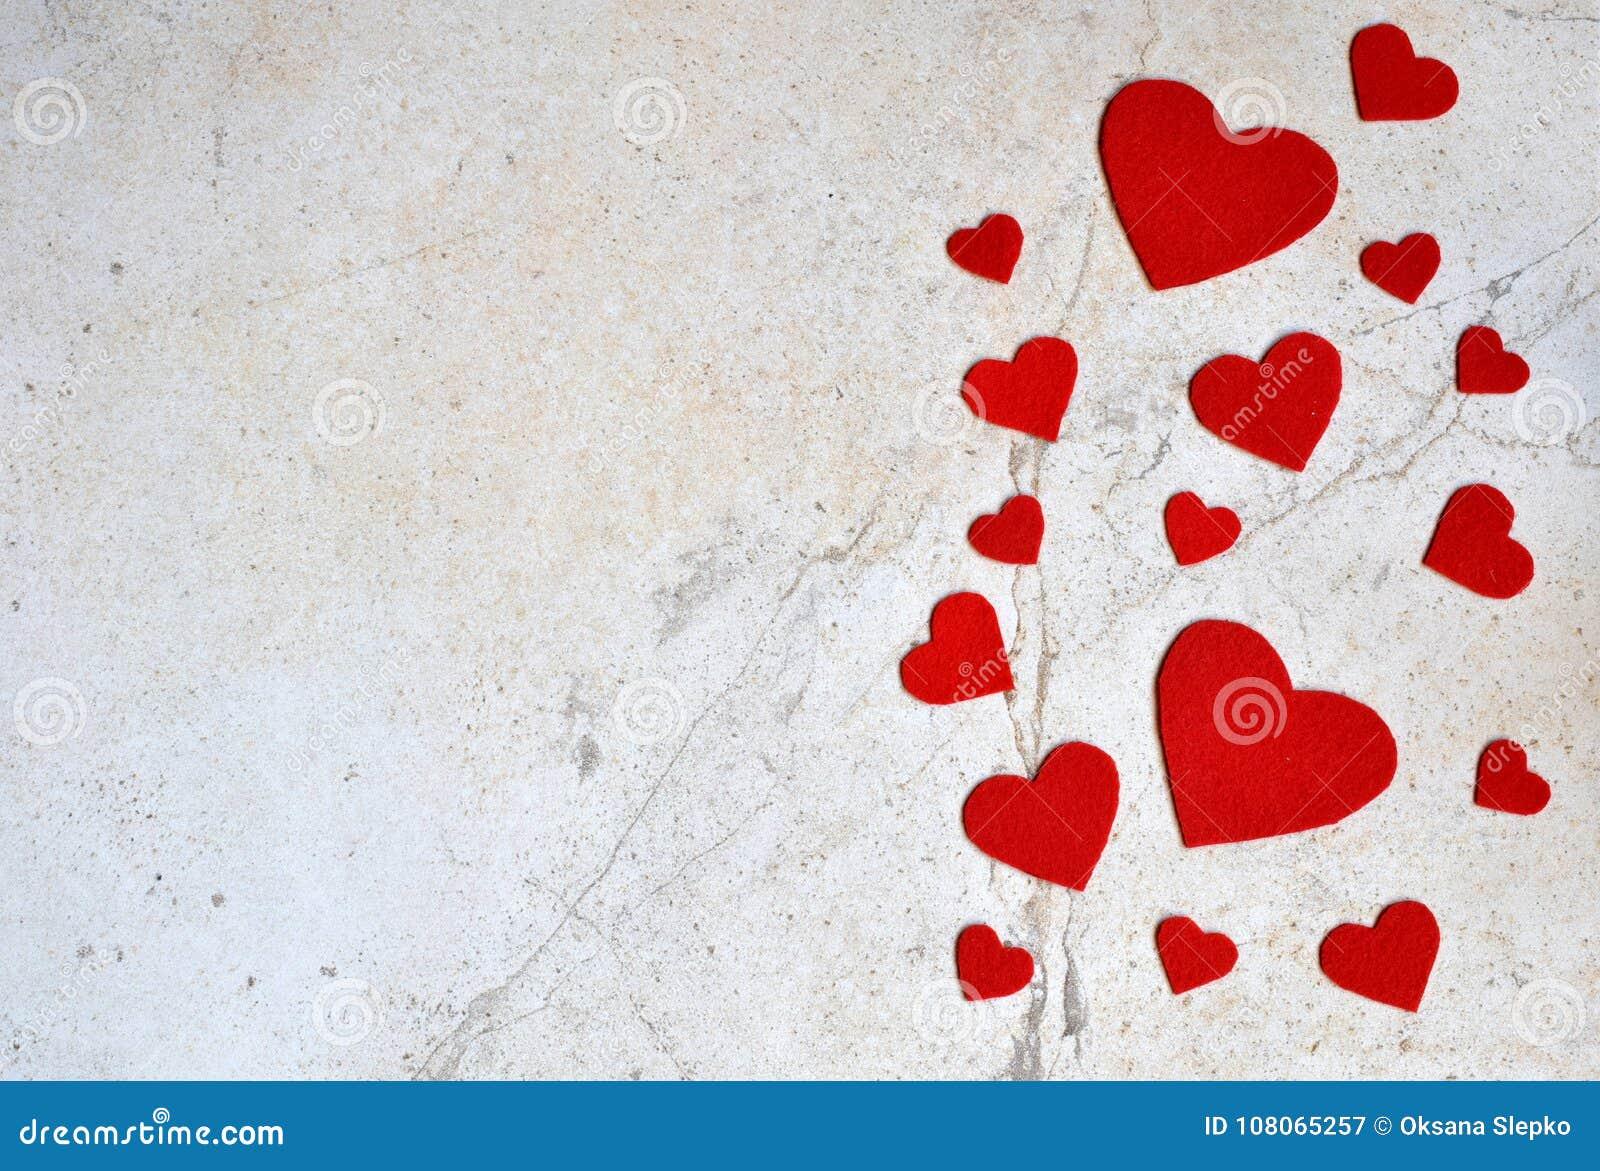 Valentines day background with handmade felt hearts valentine valentines day background with handmade felt hearts valentine romantic love concept m4hsunfo